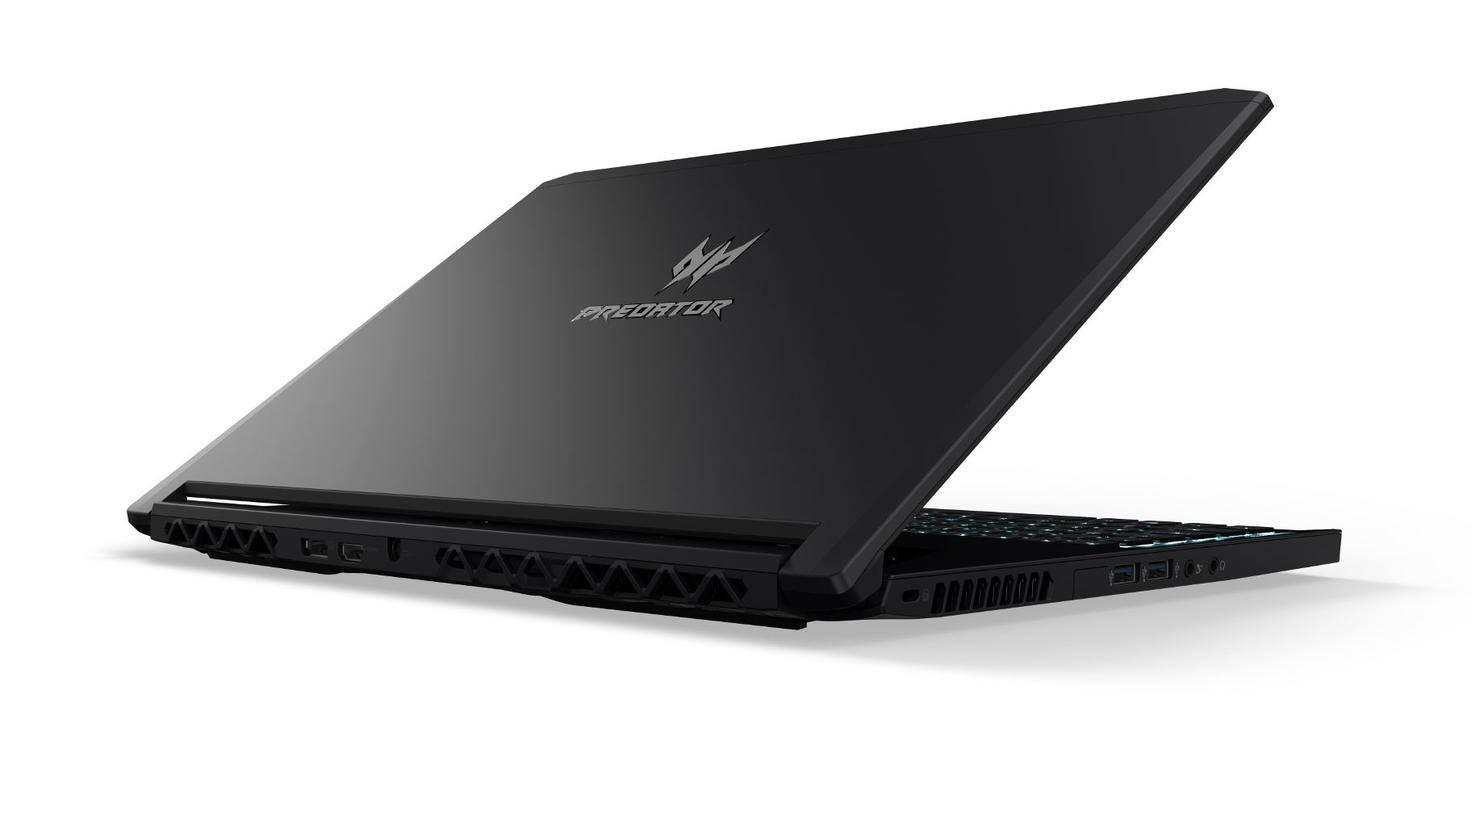 Gaming-Laptop Acer Predator Triton 700 im ersten Hands-on-Test